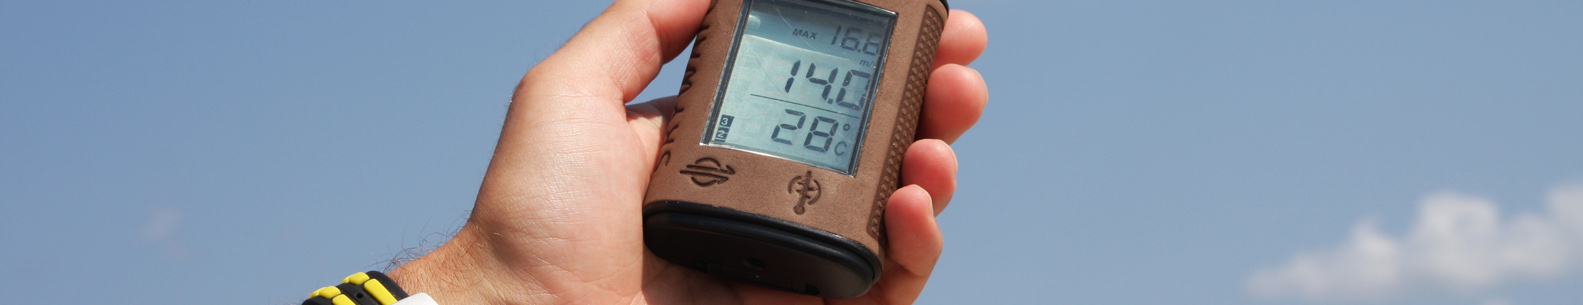 Anemometrai  Oro srauto, vėjo greičio matuokliai,  aplinkos sąlygų matuokliai